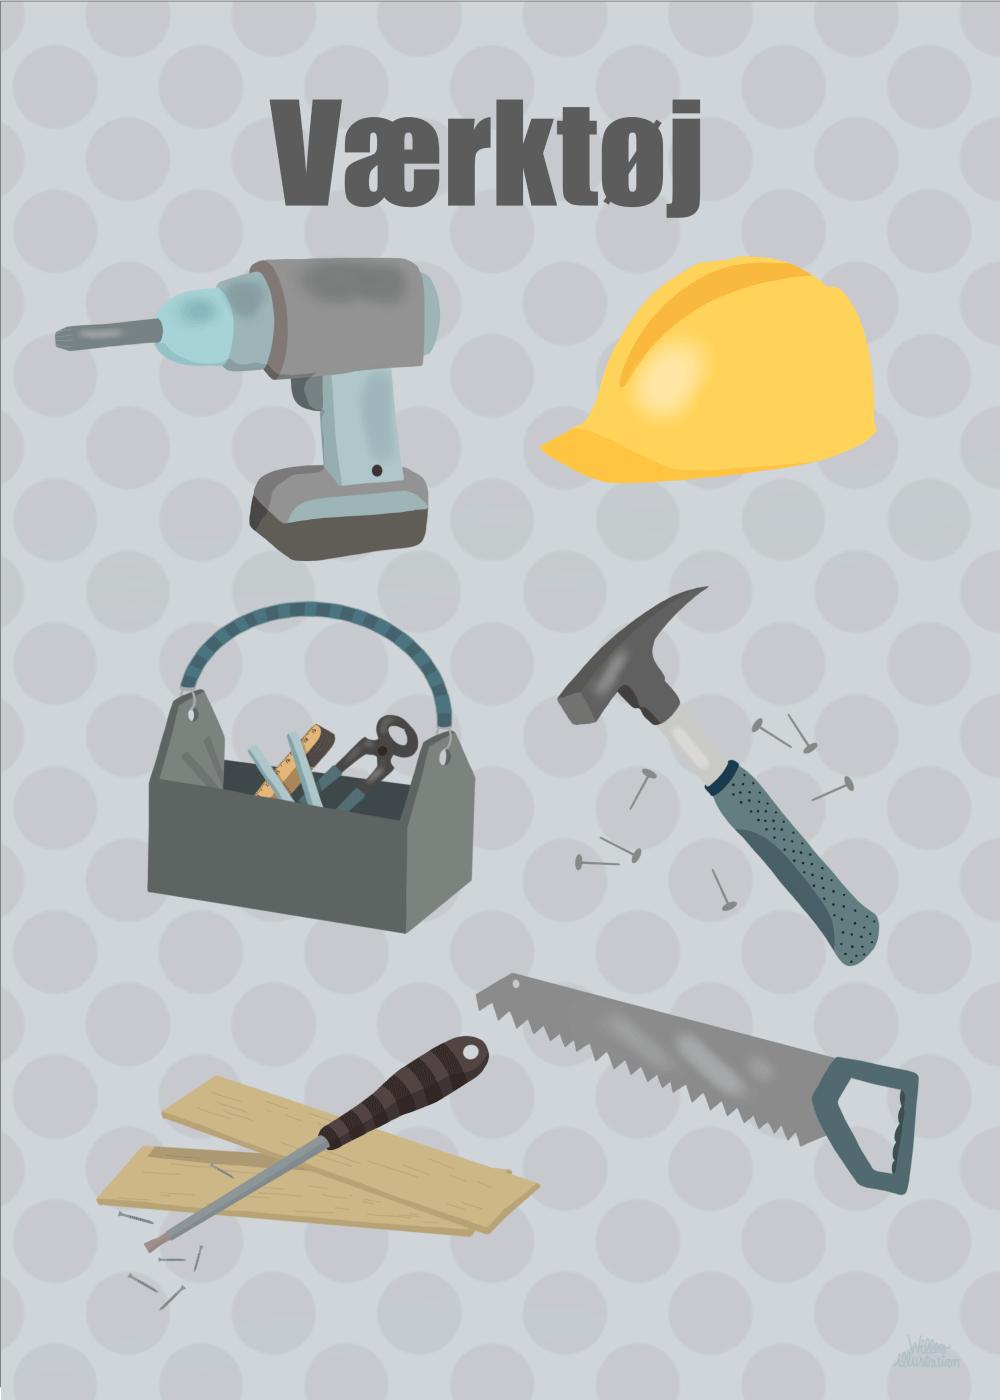 Værktøj - Børneplakat